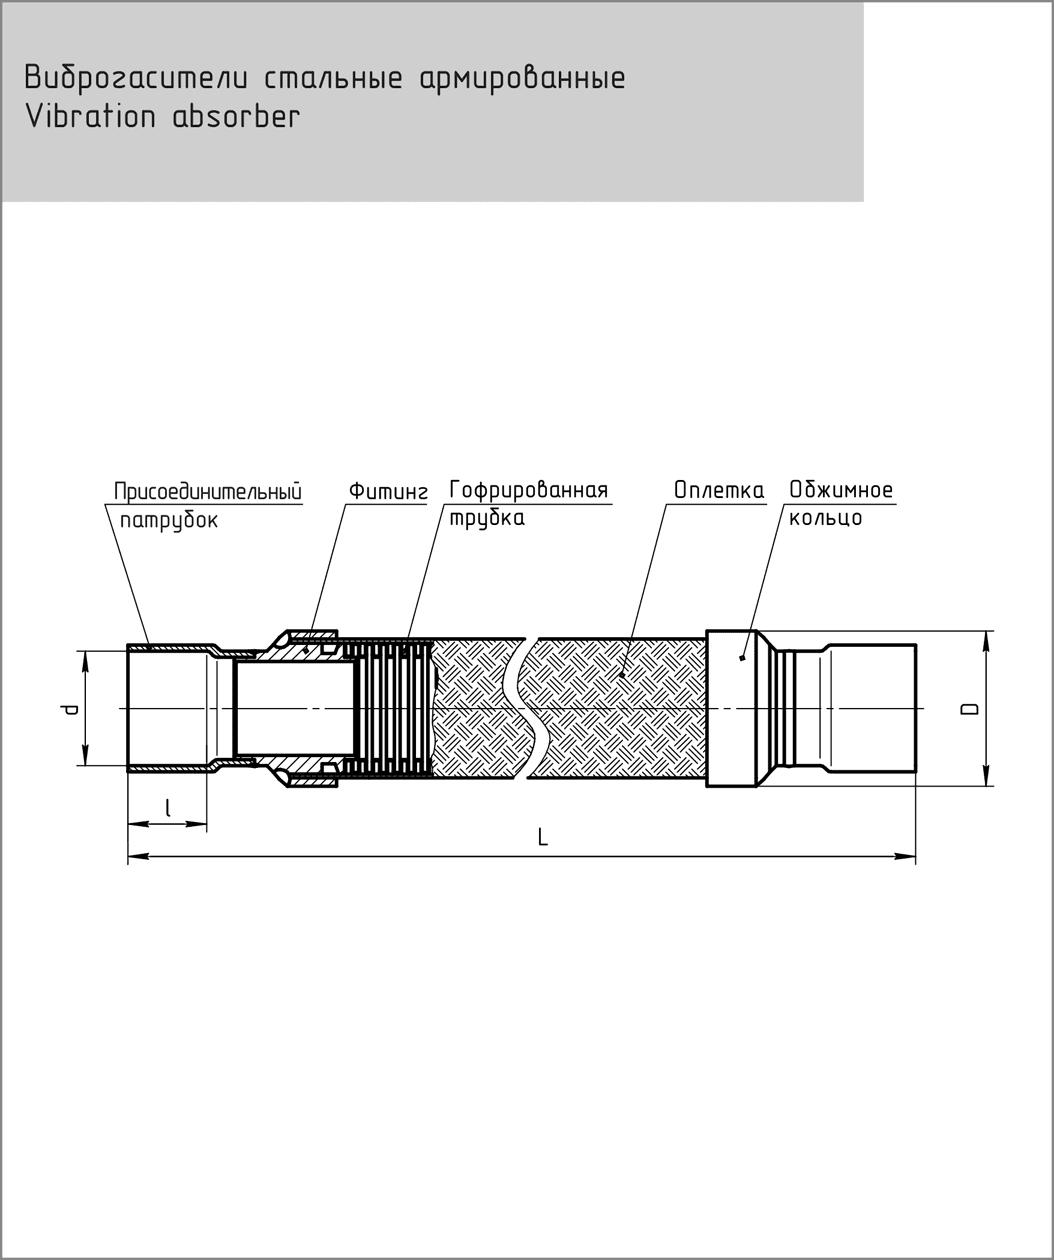 Габаритный чертеж виброгасителя Frigopoint